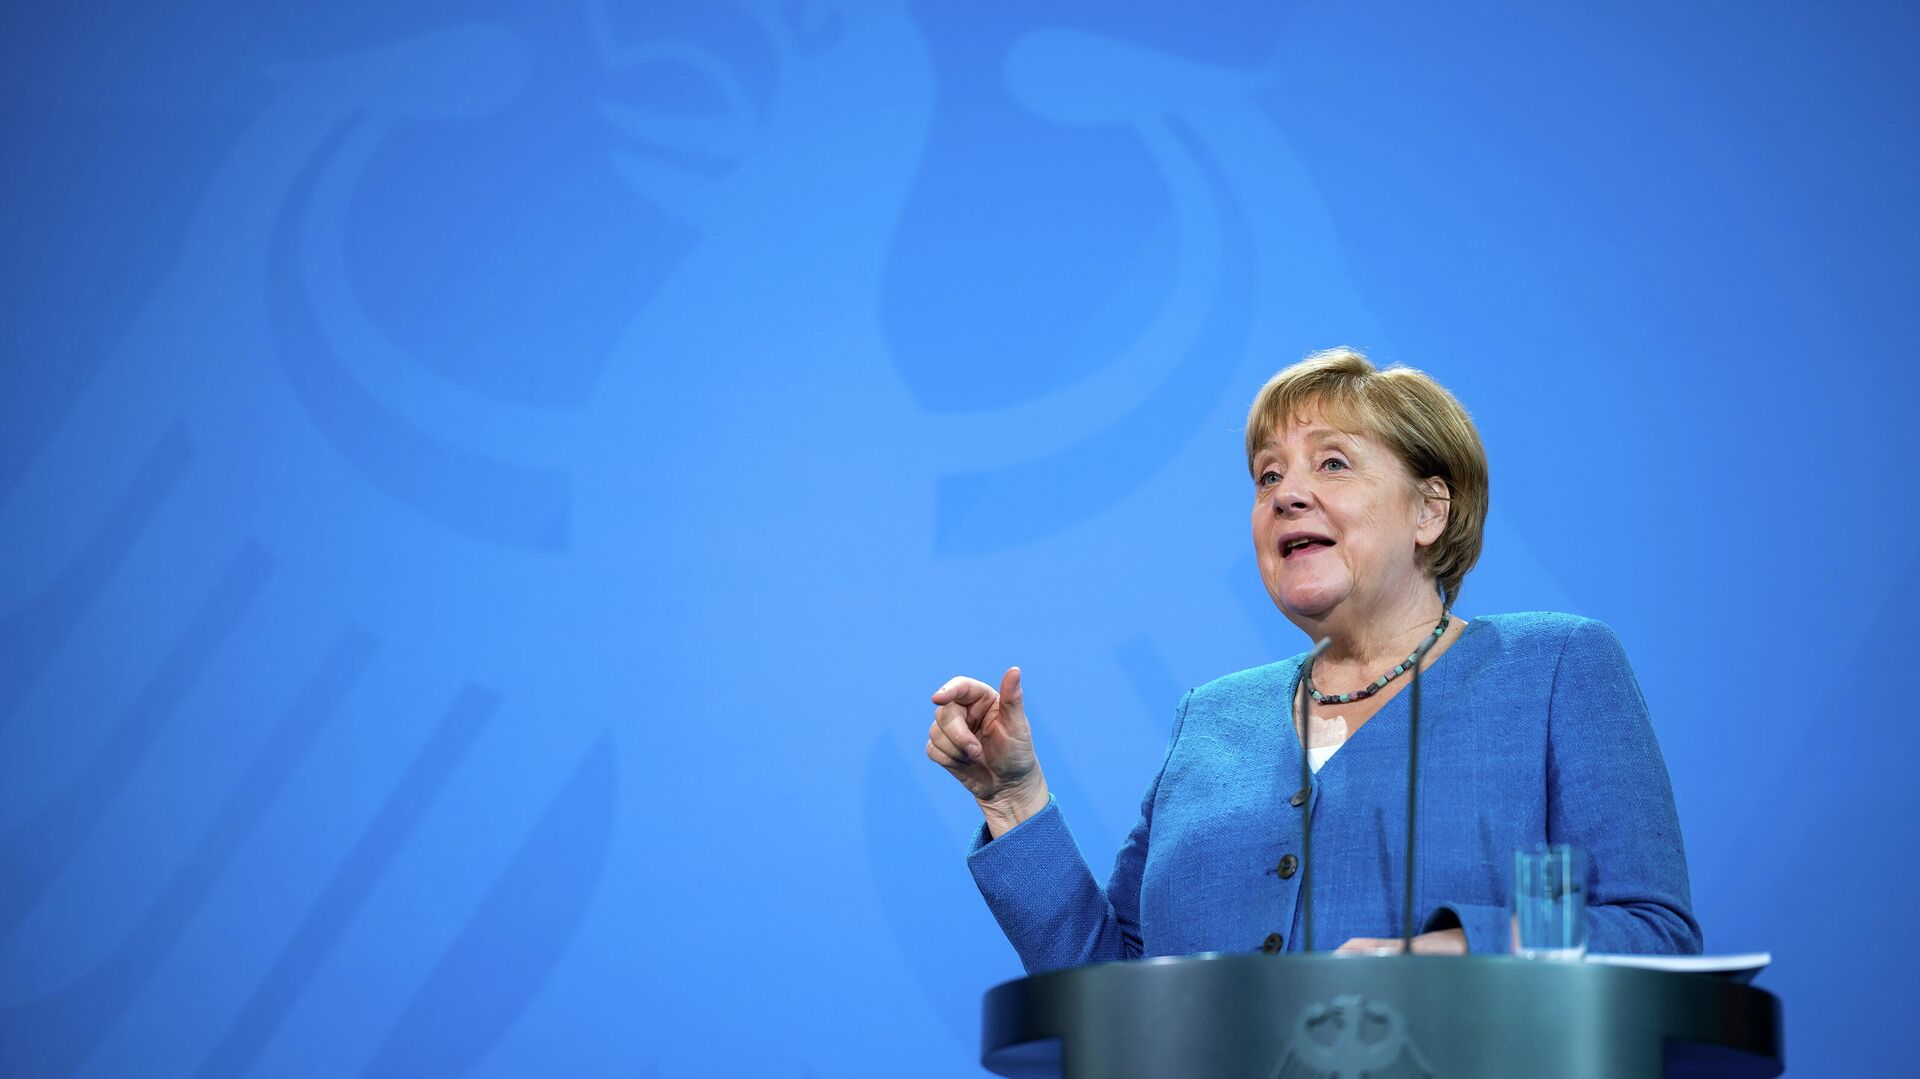 Bundeskanzlerin Angela Merkel - SNA, 1920, 20.09.2021